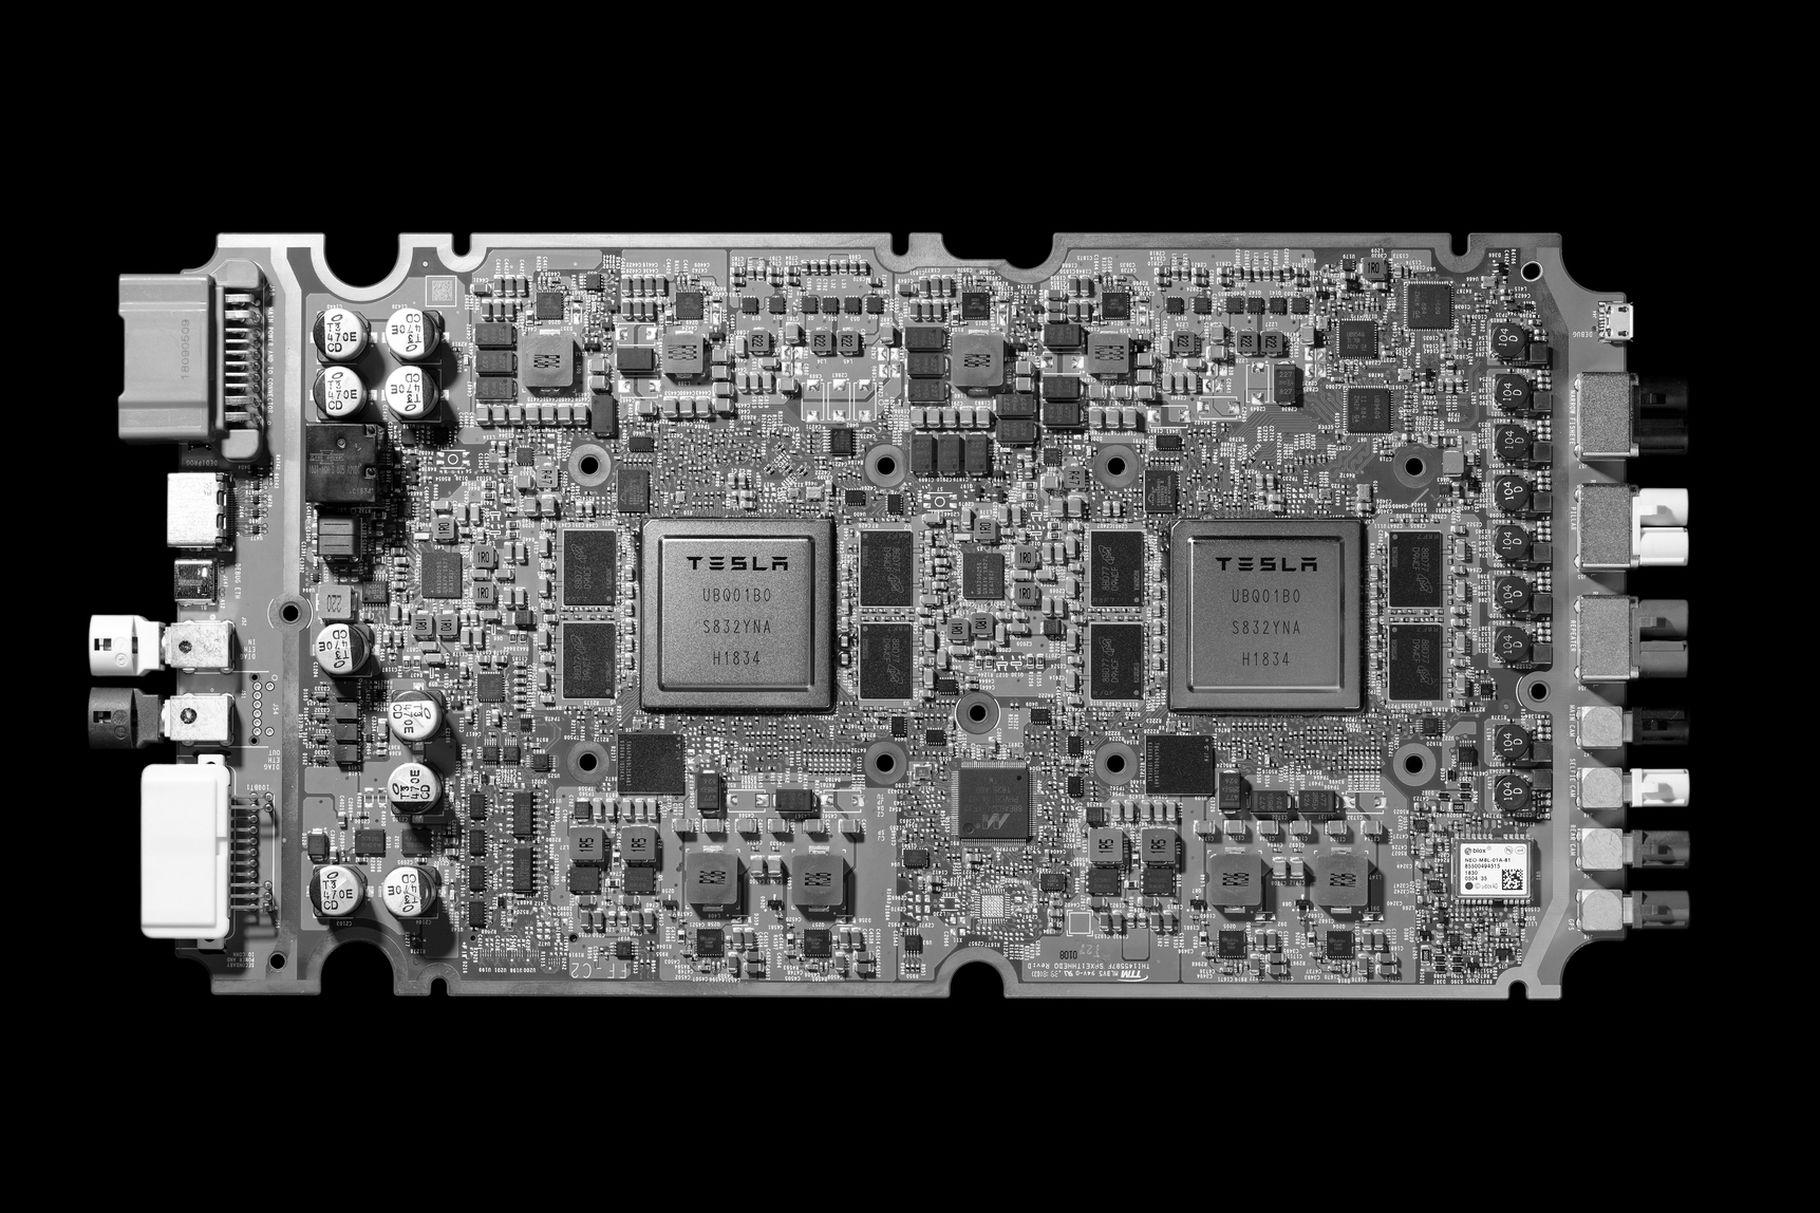 特斯拉公布全自动驾驶芯片